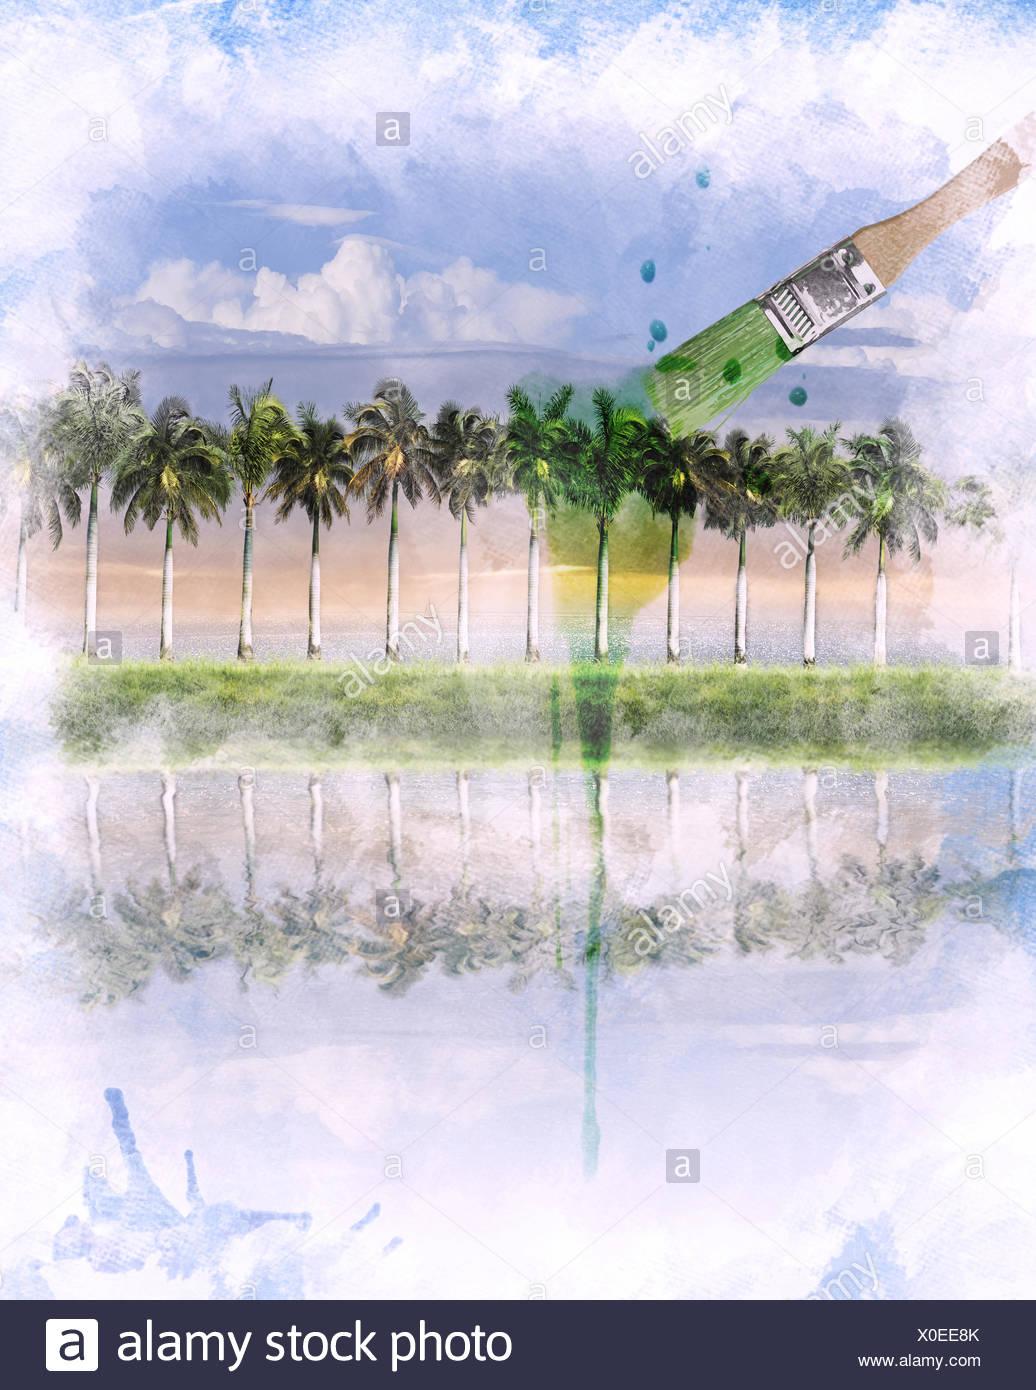 Imagen de acuarela de paisaje Imagen De Stock